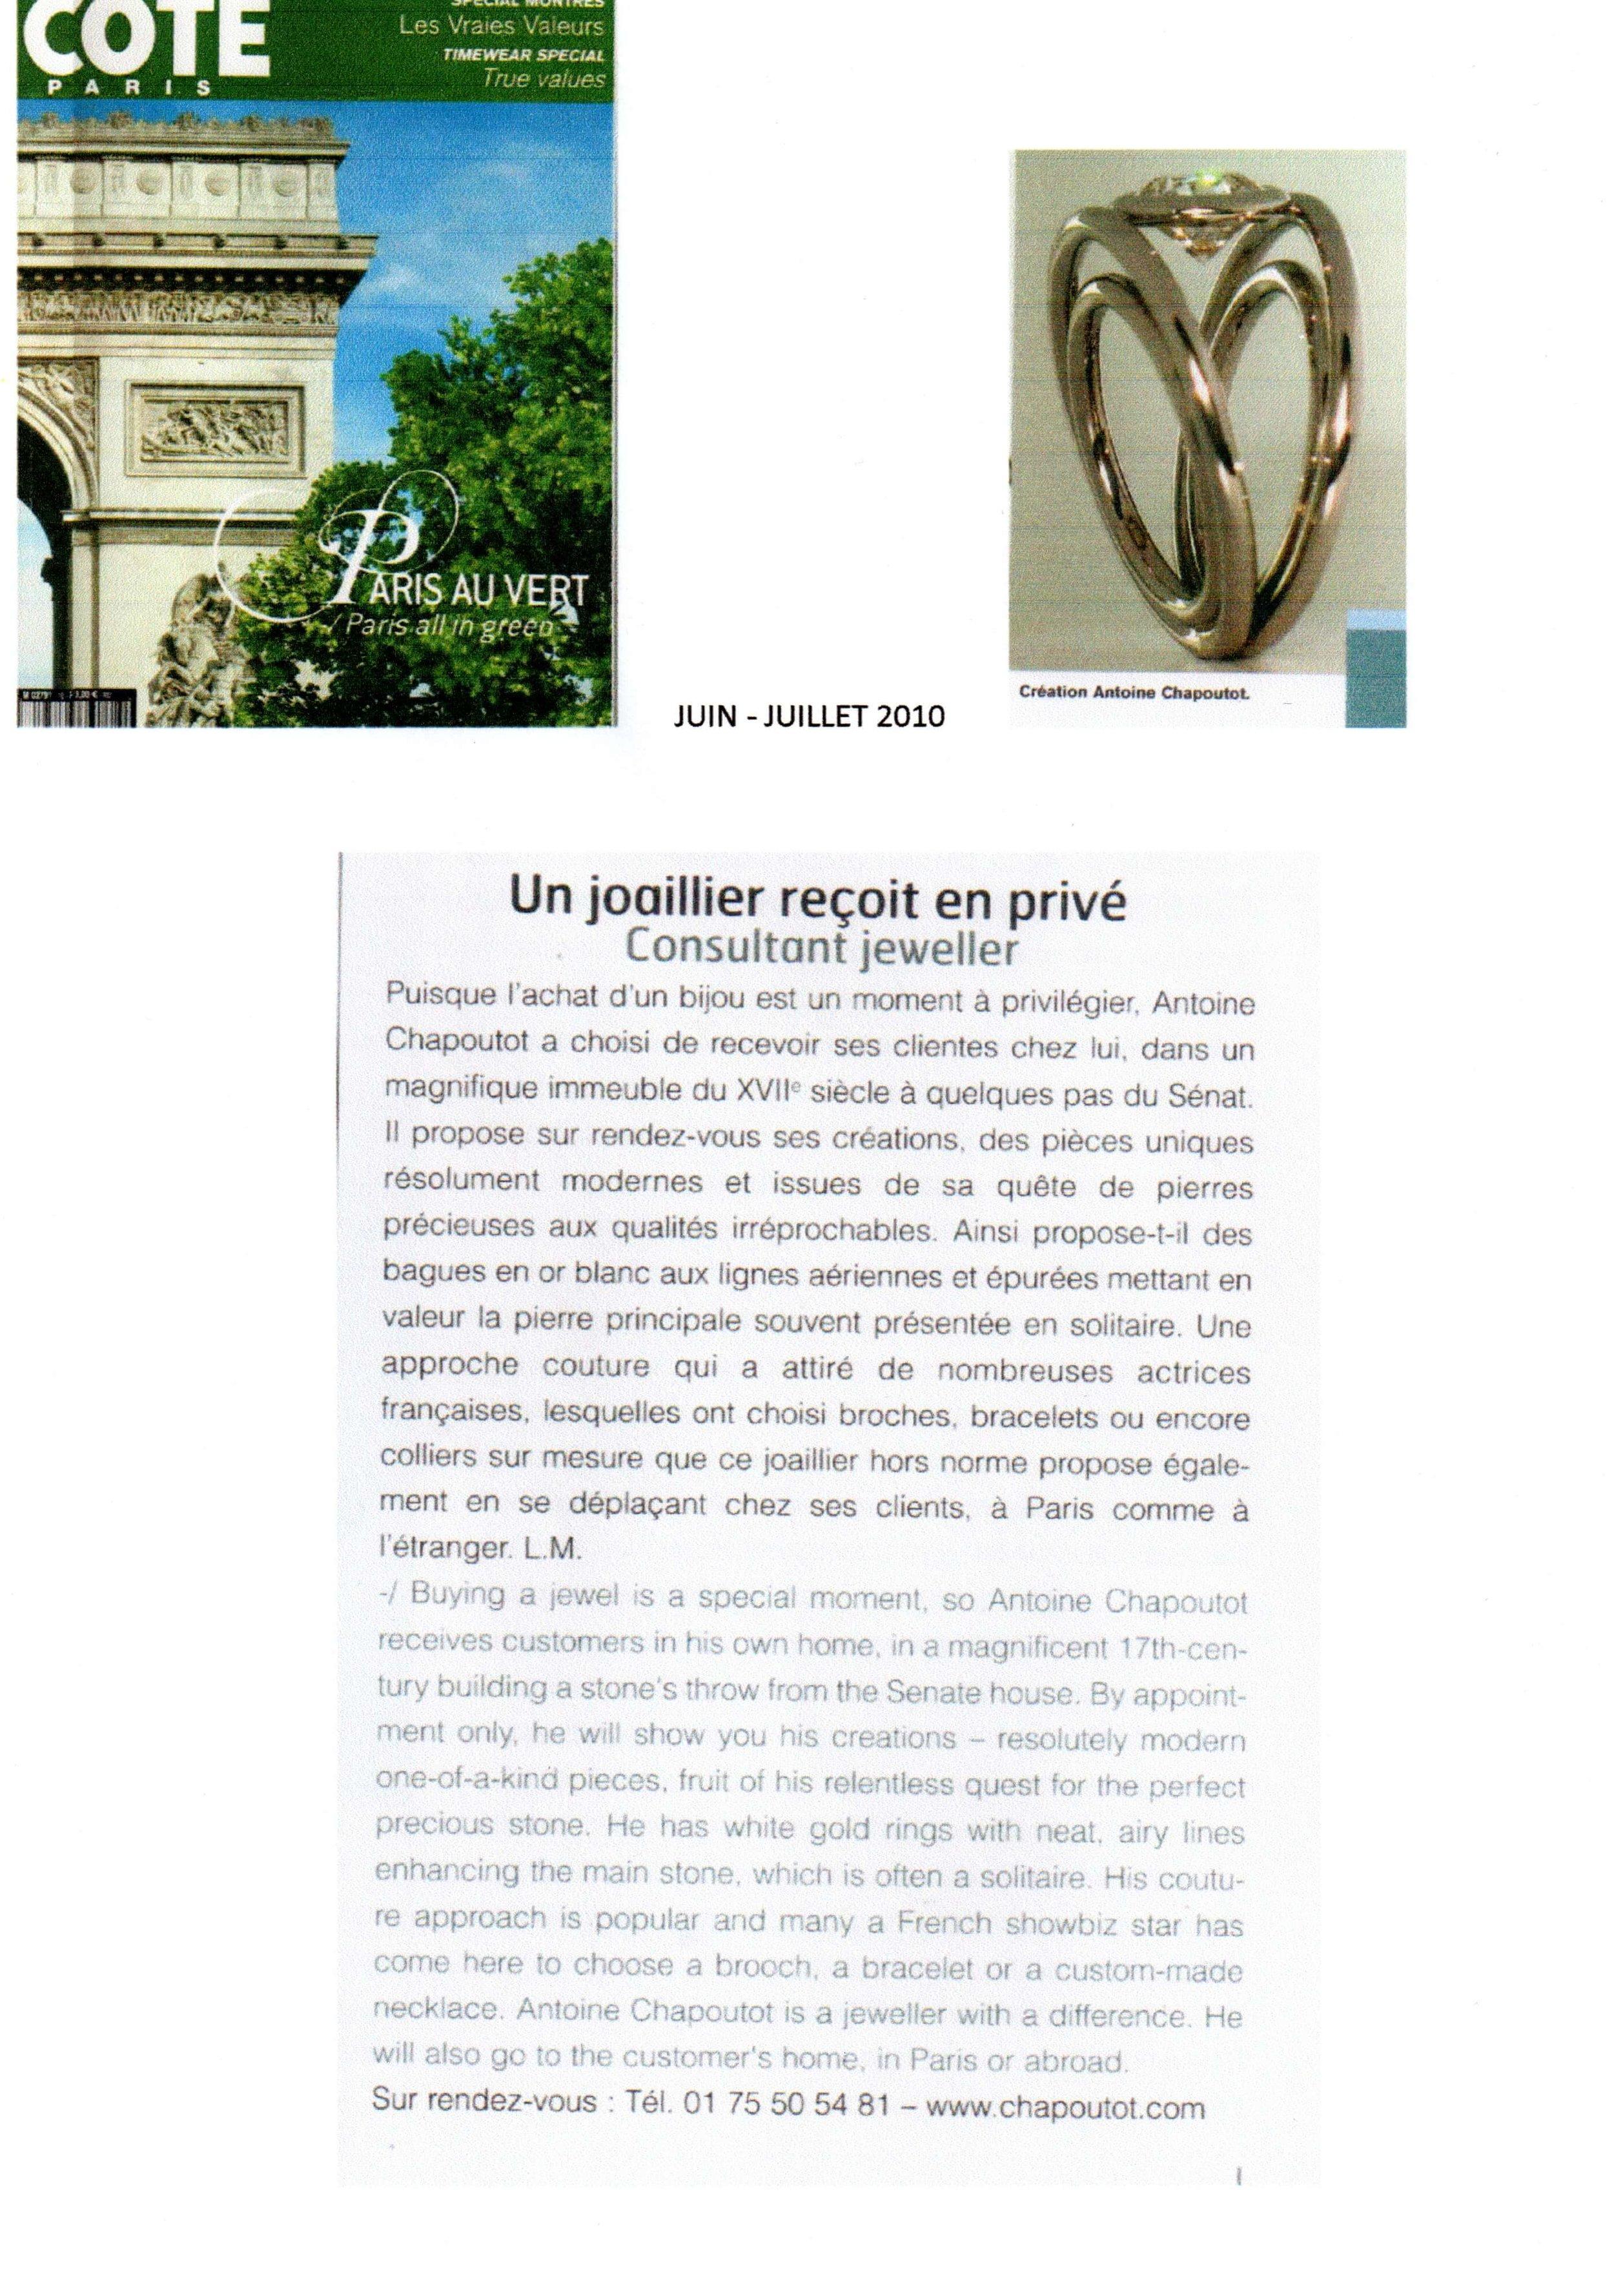 2010 COTE Paris - Juillet 2010.jpg